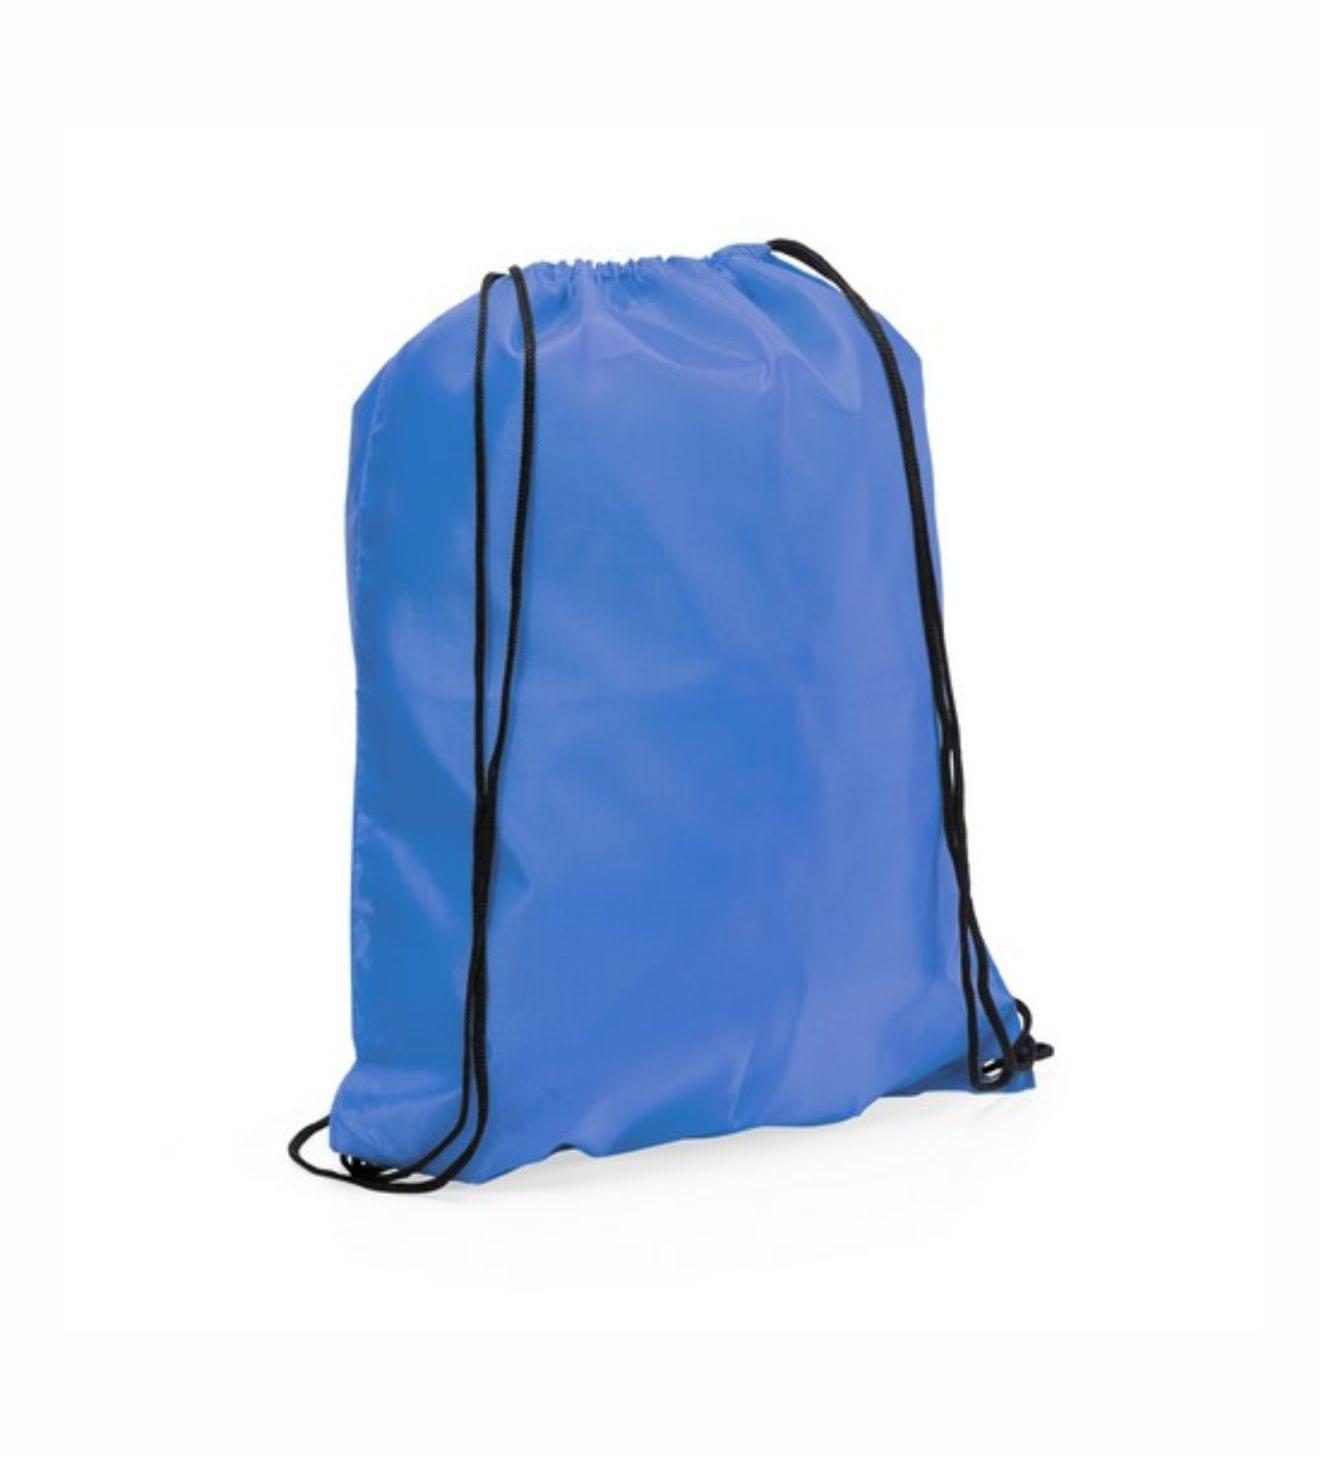 Mochilas Promocionales Azul Claro. Regalos de Empresa Azul